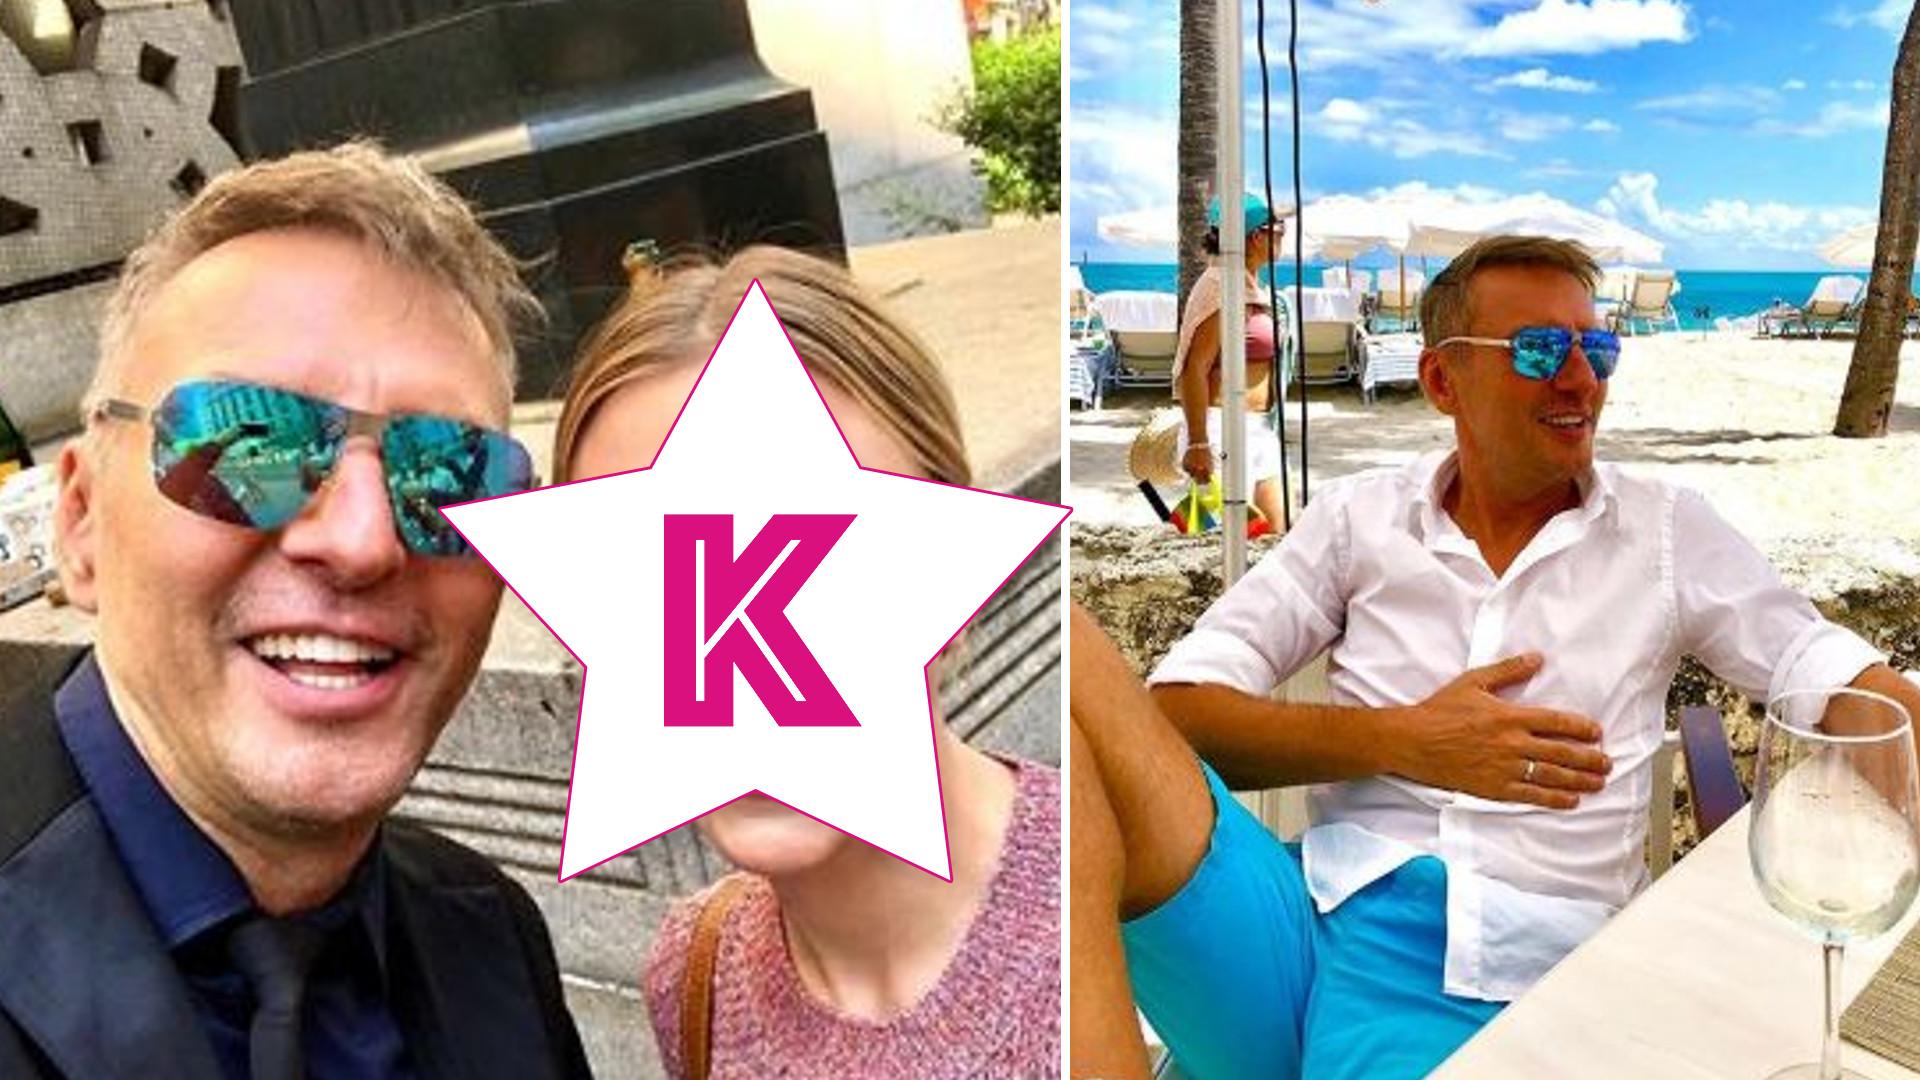 Krzysztof Gojdź z wielką gwiazdą Hollywood spędza czas w Nowym Jorku – doktor jest zachwycony: skromna, przemiła